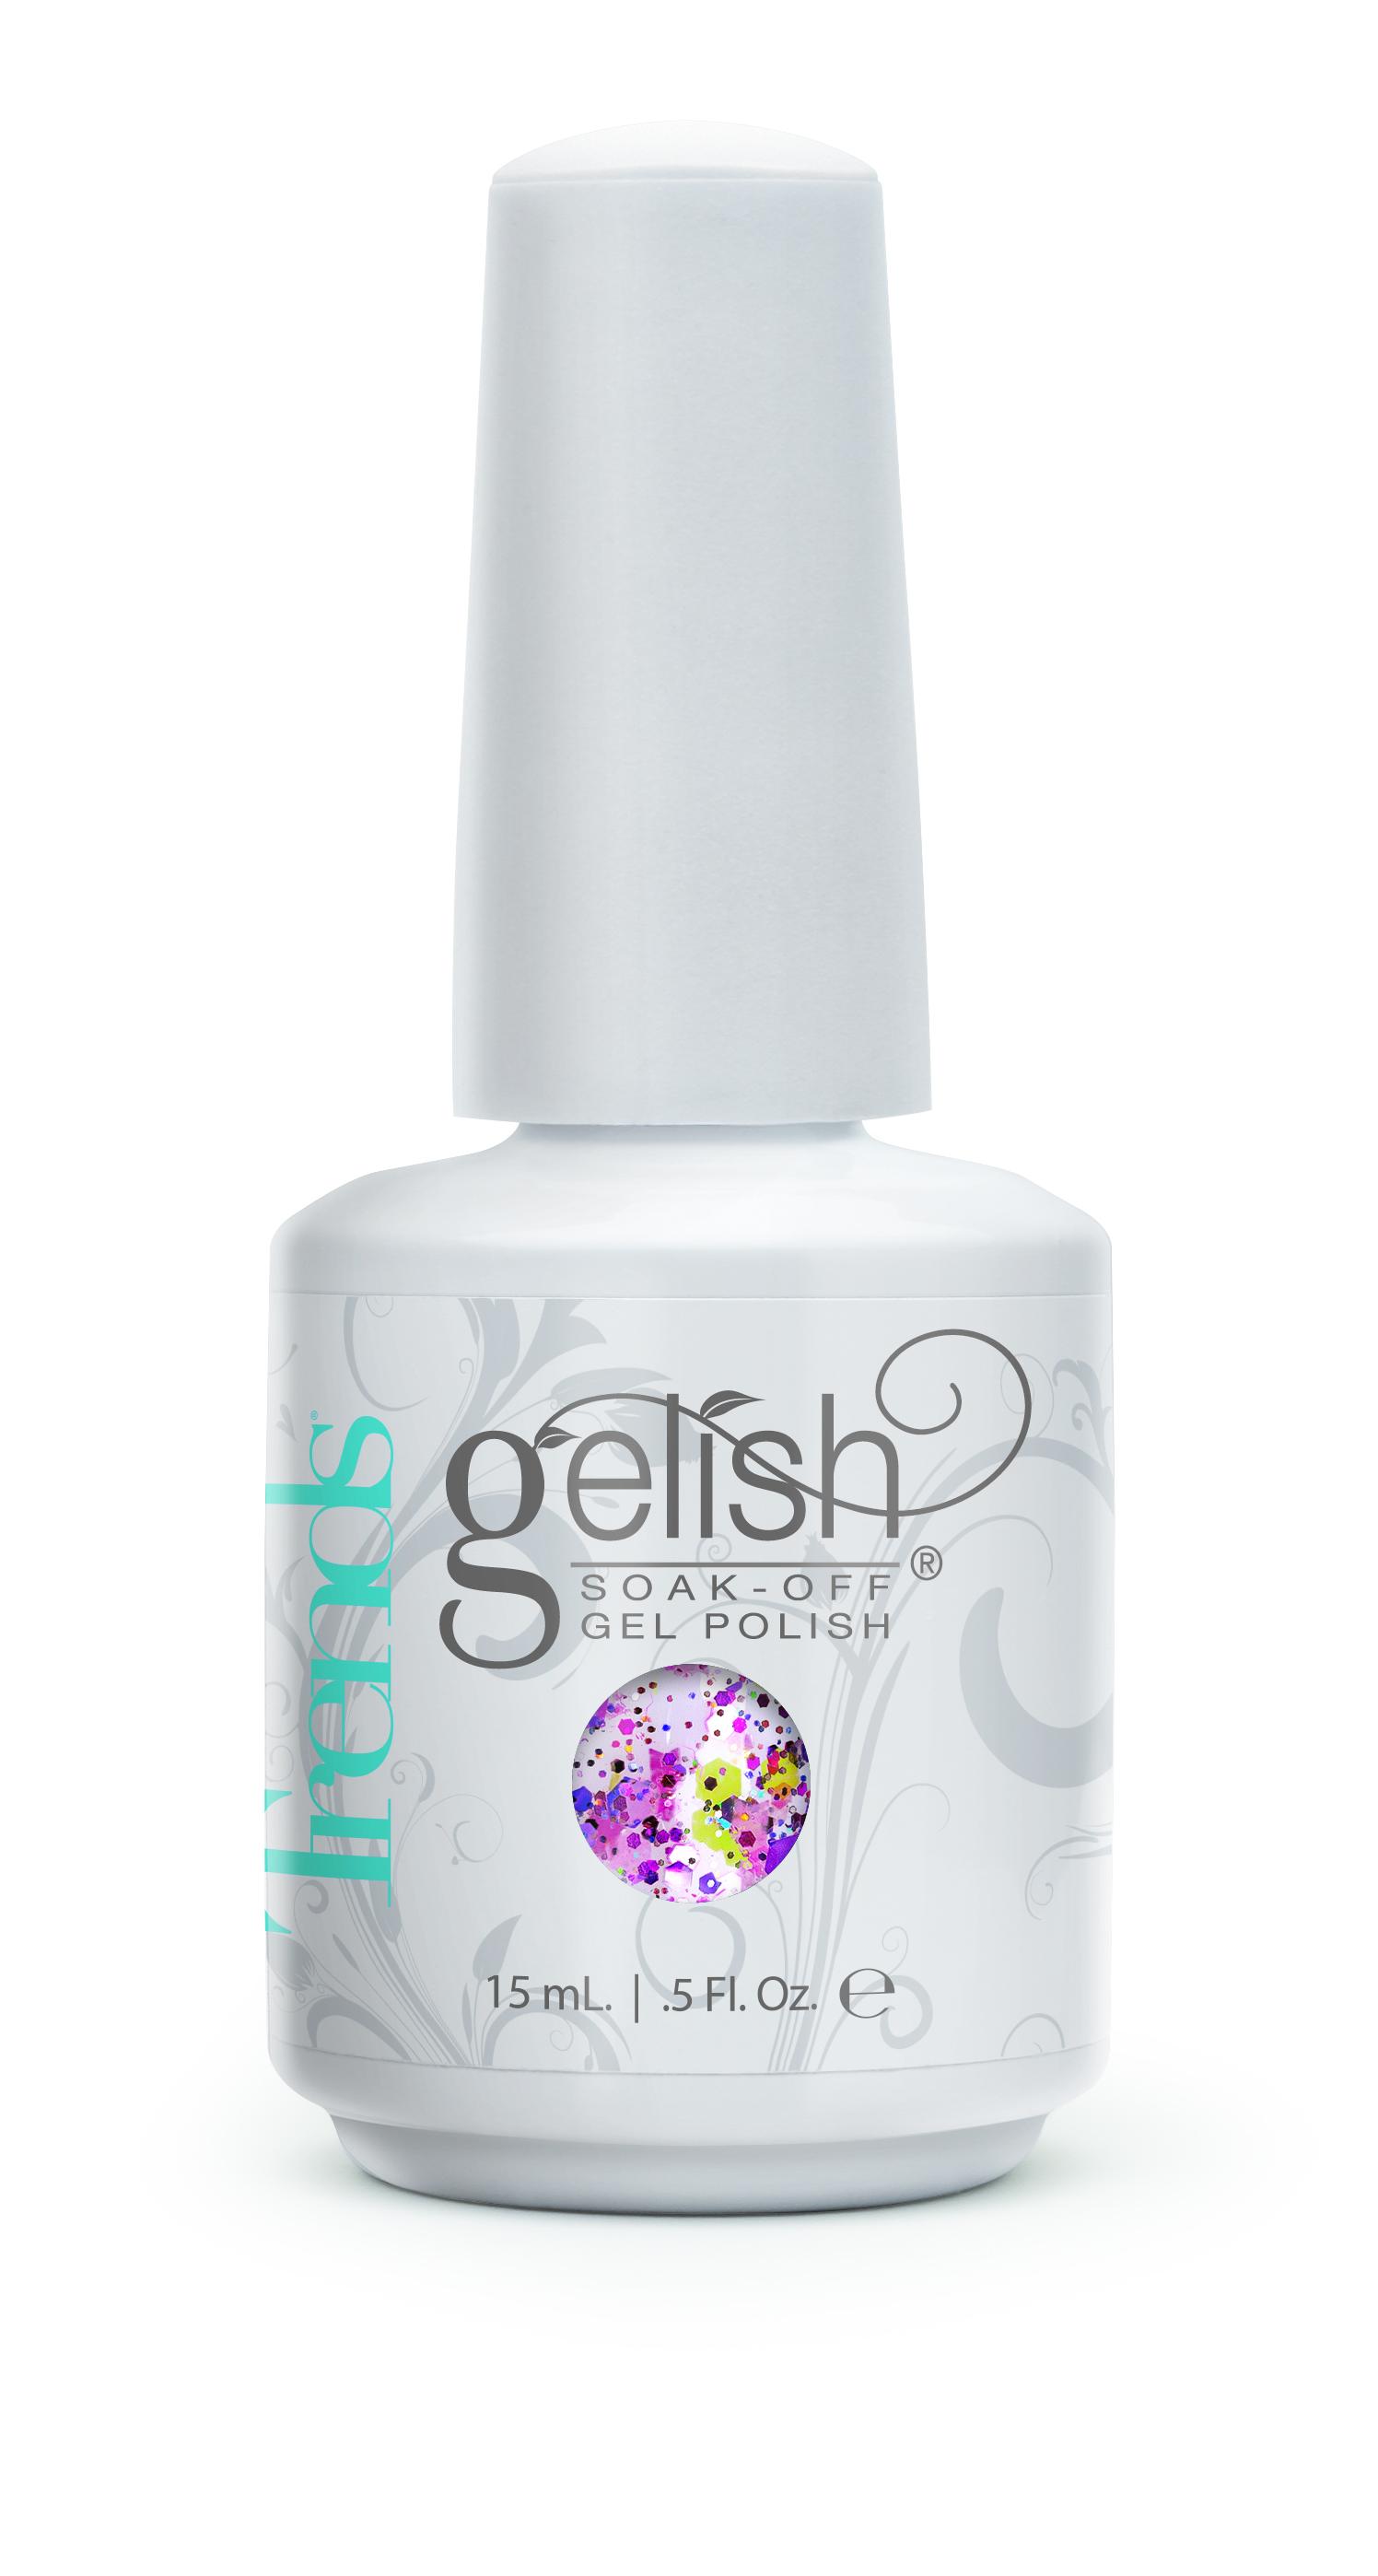 GELISH Гель-лак Shattered Beauty / GELISH 15млГель-лаки<br>Гель-лак Gelish наносится на ноготь как лак, с помощью кисточки под колпачком. Процедура нанесения схожа с&amp;nbsp;нанесением обычного цветного покрытия. Все гель-лаки Harmony Gelish выполняют функцию еще и укрепляющего геля, делая ногти более прочными и длинными. Ногти клиента находятся под защитой гель-лака, они не ломаются и не расслаиваются. Гель-лаки Gelish после сушки в LED или УФ лампах держатся на натуральных ногтях рук до 3 недель, а на ногтях ног до 5 недель. Способ применения: Подготовительный этап. Для начала нужно сделать маникюр. В зависимости от ваших предпочтений это может быть европейский, классический обрезной, СПА или аппаратный маникюр. Главное, сдвинуть кутикулу с ногтевого ложа и удалить ороговевшие участки кожи вокруг ногтей. Особенностью этой системы является то, что перед нанесением базового слоя необходимо обработать ноготь шлифовочным бафом Harmony Buffer 100/180 грит, для того, чтобы снять глянец. Это поможет улучшить сцепку покрытия с ногтем. Пыль, которая осталась после опила, излишки жира и влаги удаляются с помощью обезжиривателя Бондер / GELISH pH Bond 15&amp;nbsp;мл или любого другого дегитратора. Нанесение искусственного покрытия Harmony.&amp;nbsp; После того, как подготовительные процедуры завершены, можно приступать непосредственно к нанесению искусственного покрытия Harmony Gelish. Как и все гелевые лаки, продукцию этого бренда необходимо полимеризовать в лампе. Гель-лаки Gelish сохнут (полимеризуются) под LED или УФ лампой. Время полимеризации: В LED лампе 18G/6G = 30 секунд В LED лампе Gelish Mini Pro = 45 секунд В УФ лампах 36 Вт = 120 секунд В УФ лампе Harmony Mini Portable UV Light = 180 секунд ПРИМЕЧАНИЕ: подвергать полимеризации необходимо каждый слой гель-лакового покрытия! 1)Первым наносится тонкий слой базового покрытия Gelish Foundation Soak Off Base Gel 15 мл. 2)Следующий шаг   нанесение цветного гель-лака Harmony Gelish.&amp;nbsp; 3)Заключительный этап Нане